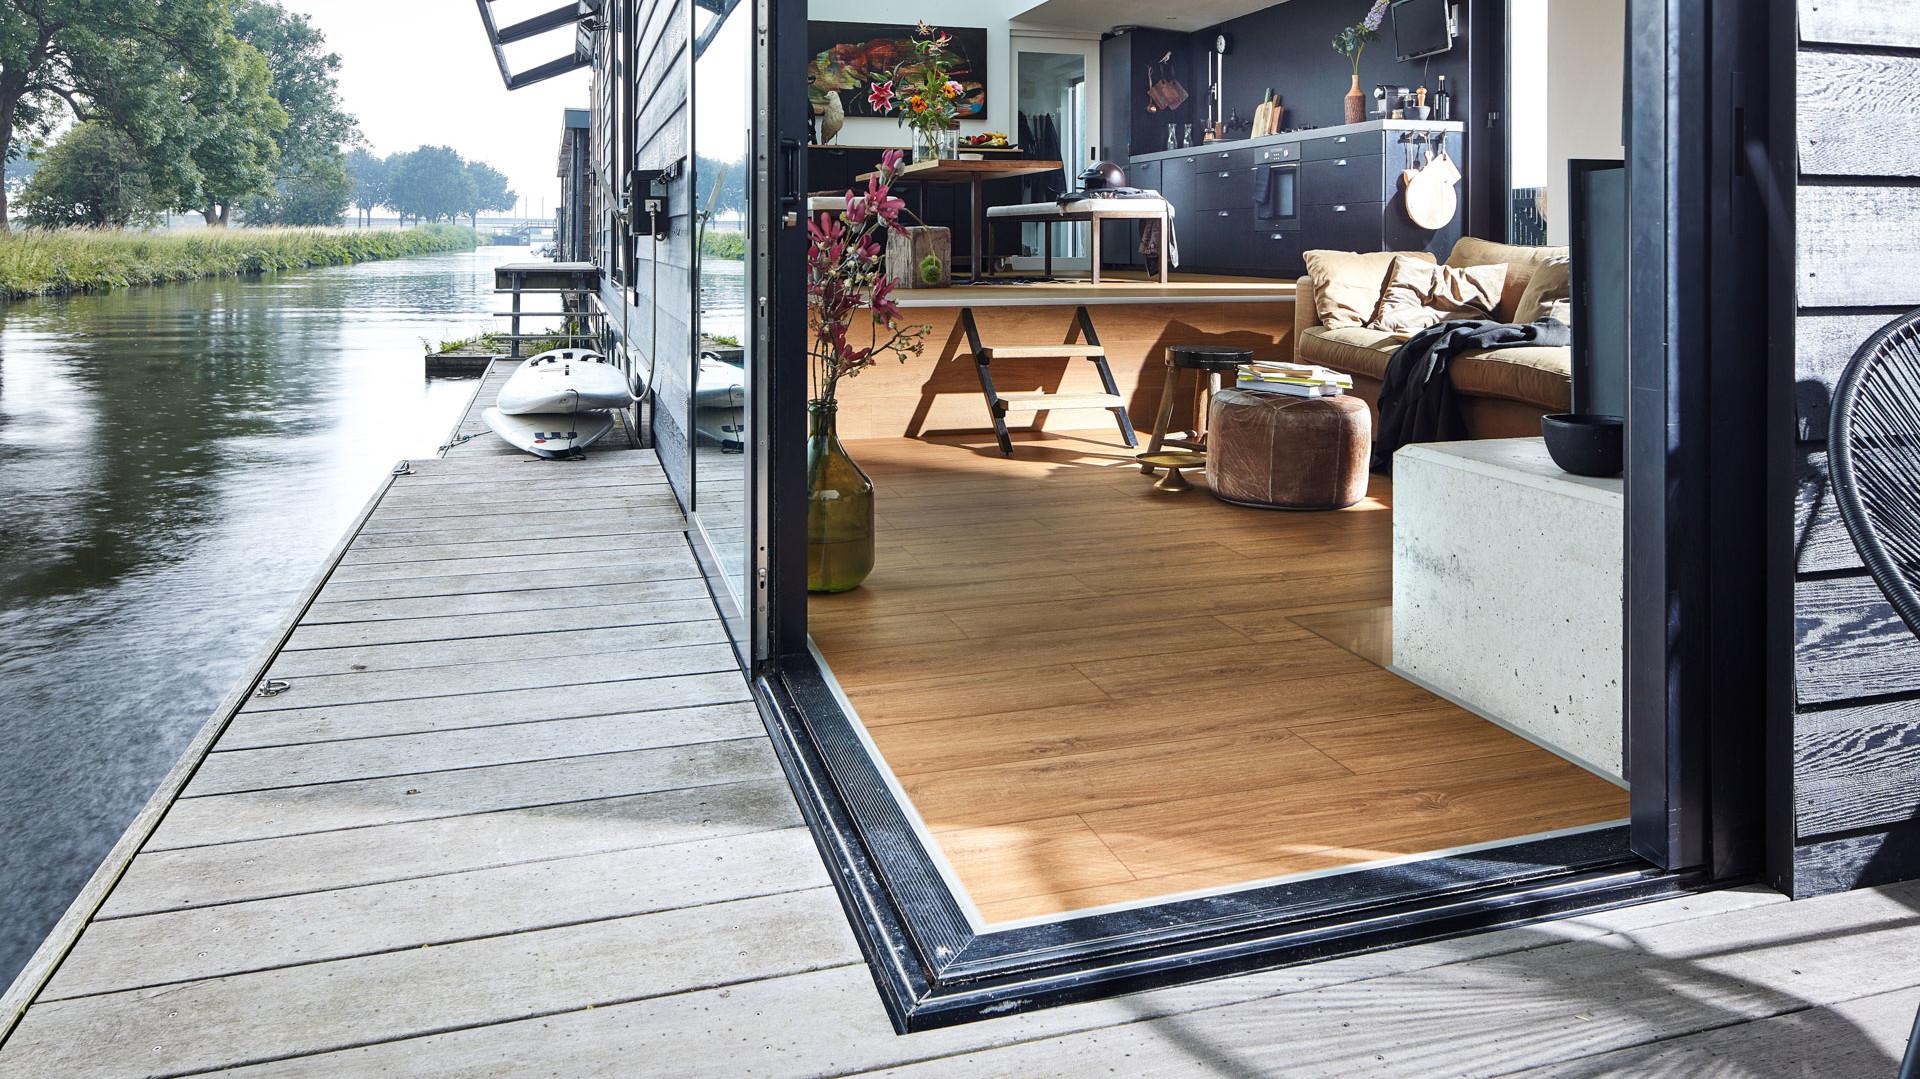 Designvloer Meister. Kunststof houten vloer zonder vinyl van Meister. Alles over kunststof vloeren #uwvloer